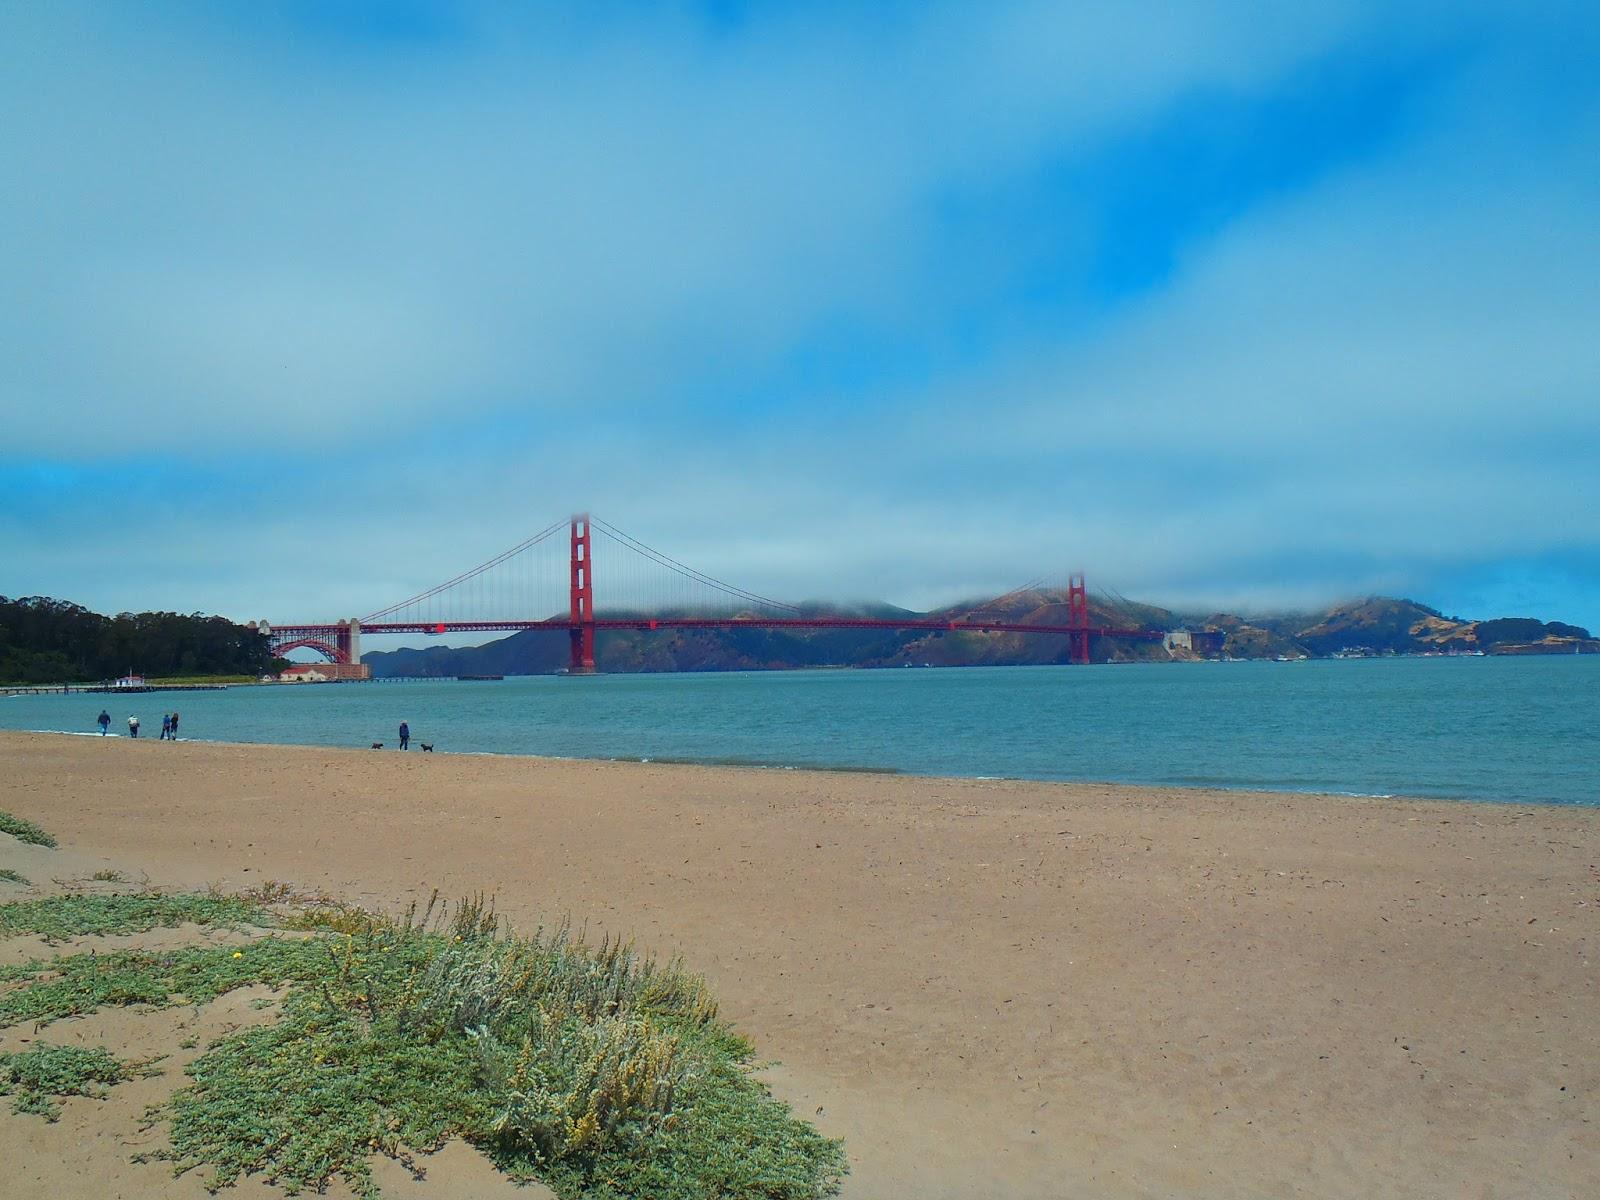 Biking San Francisco S Golden Gate Bridge The Aussie